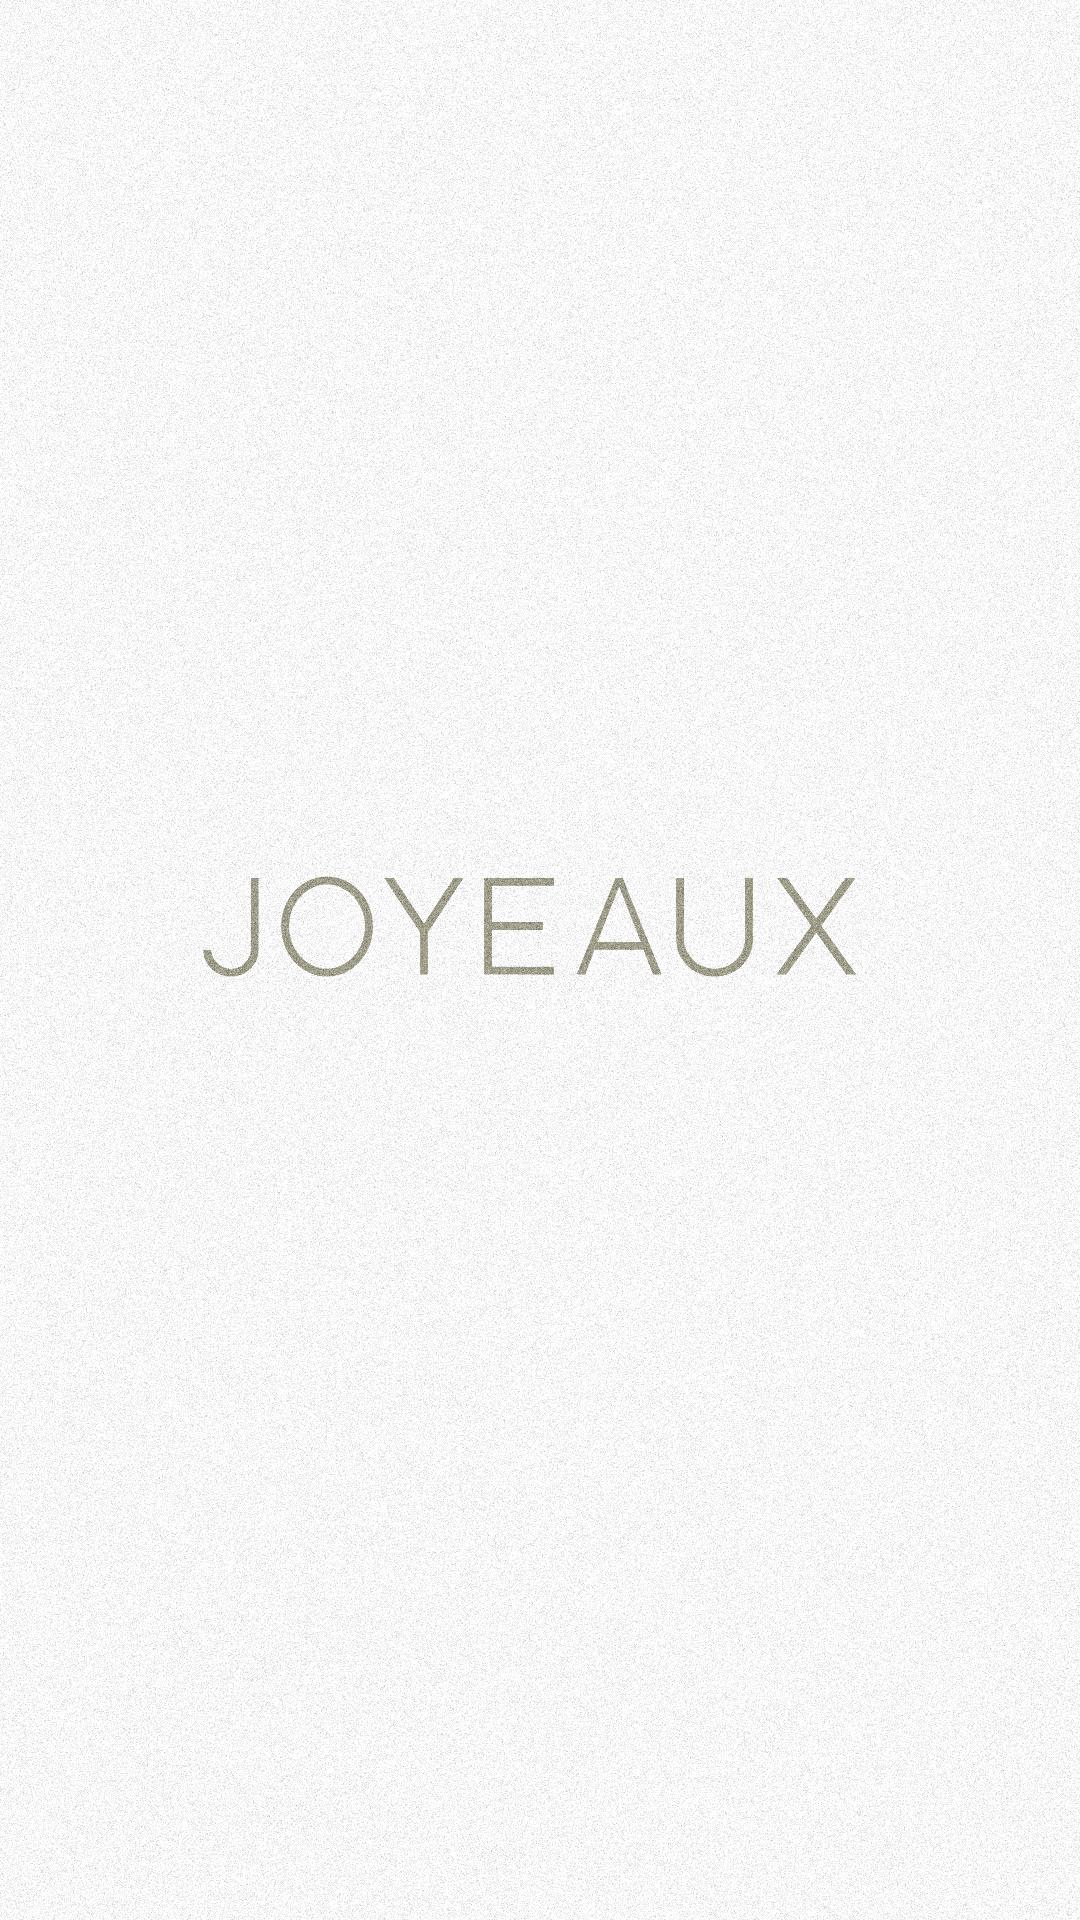 JOYEAUX.jpg